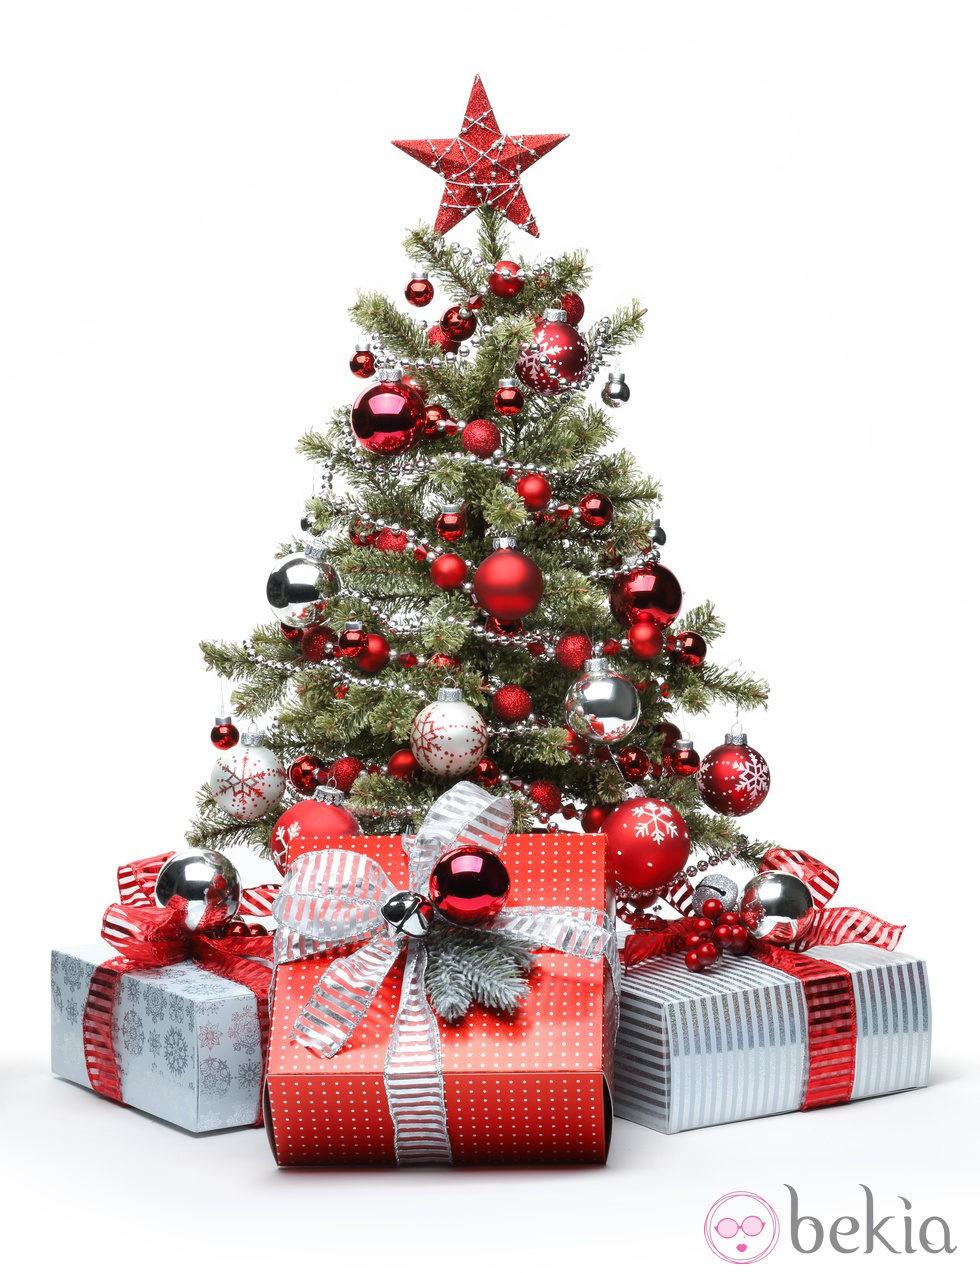 Rbol de navidad decorado con adornos blancos y rojos - Arboles de navidad blancos ...